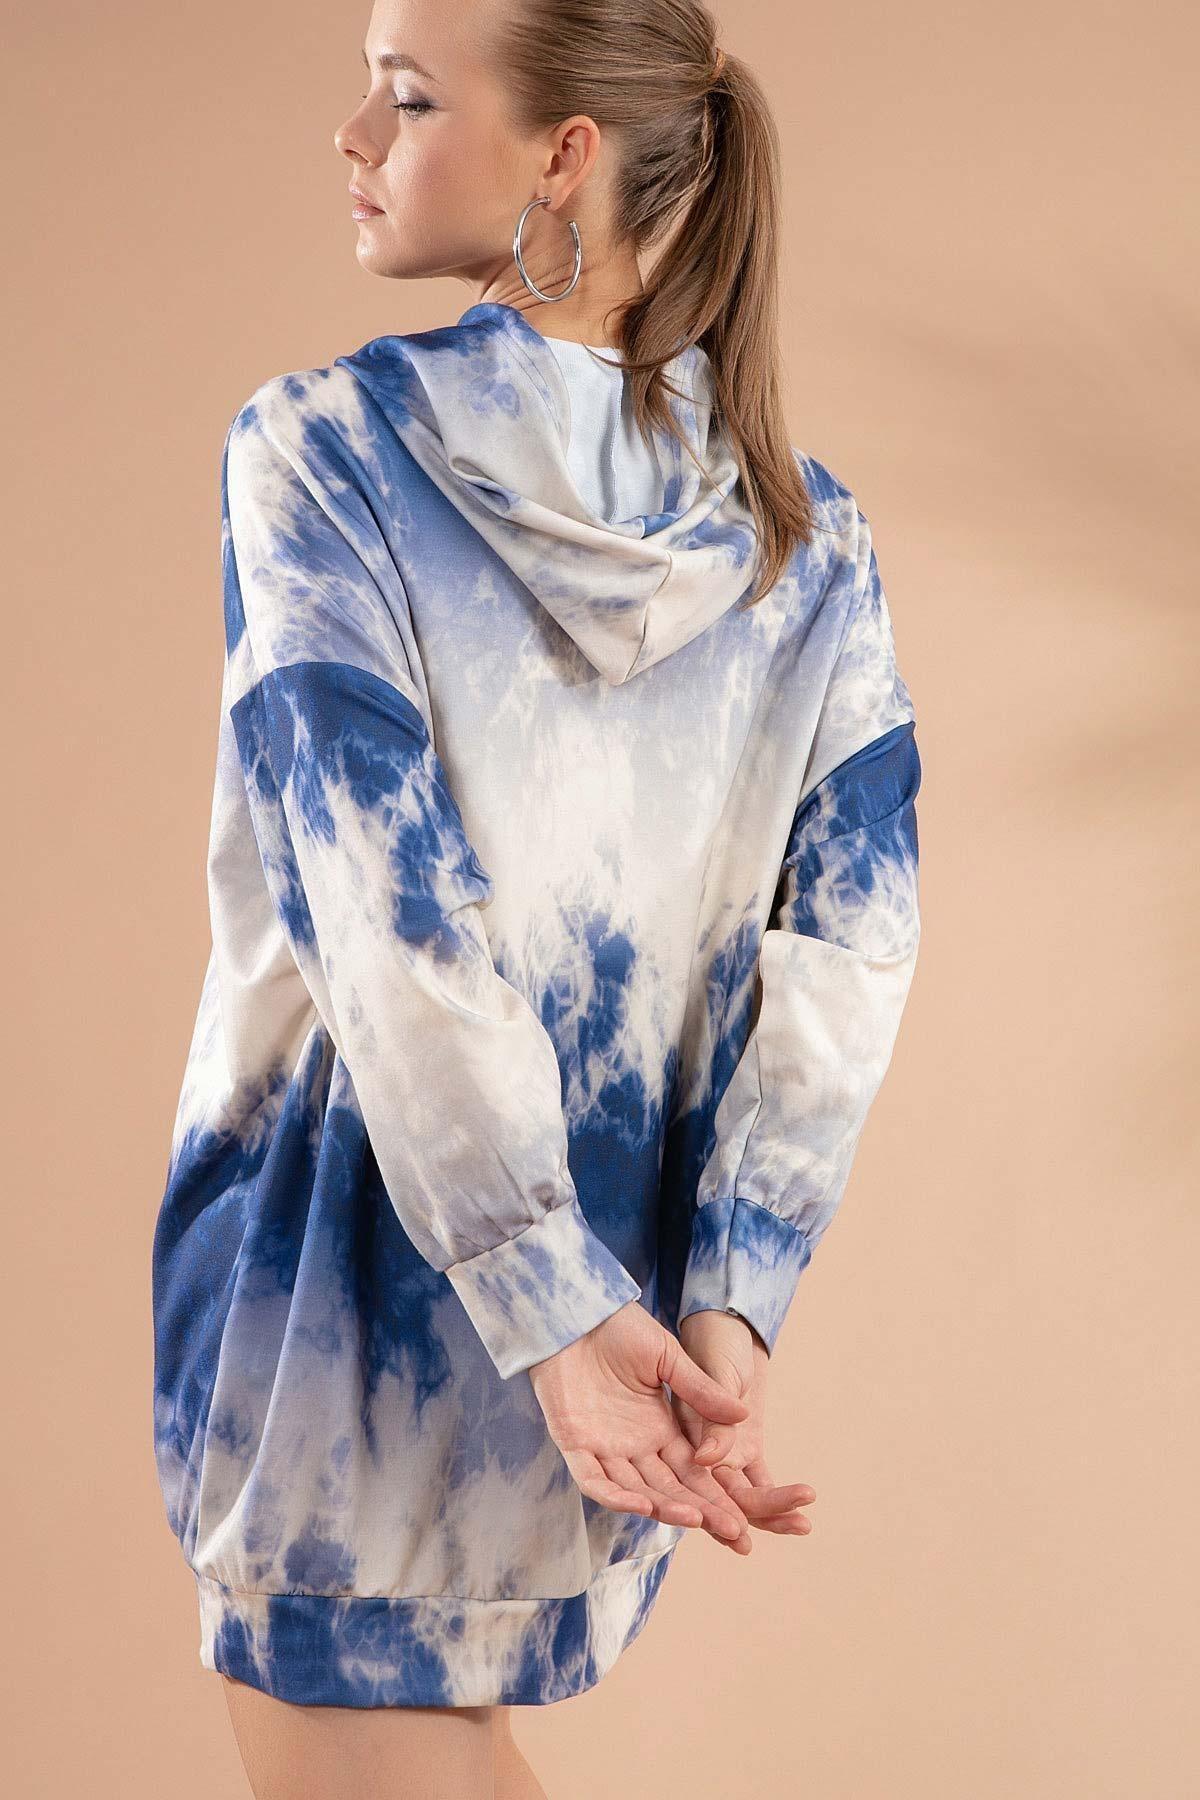 Pattaya Kadın Baskılı Kapşonlu Sweatshirt Elbise P20w-4125-3 3